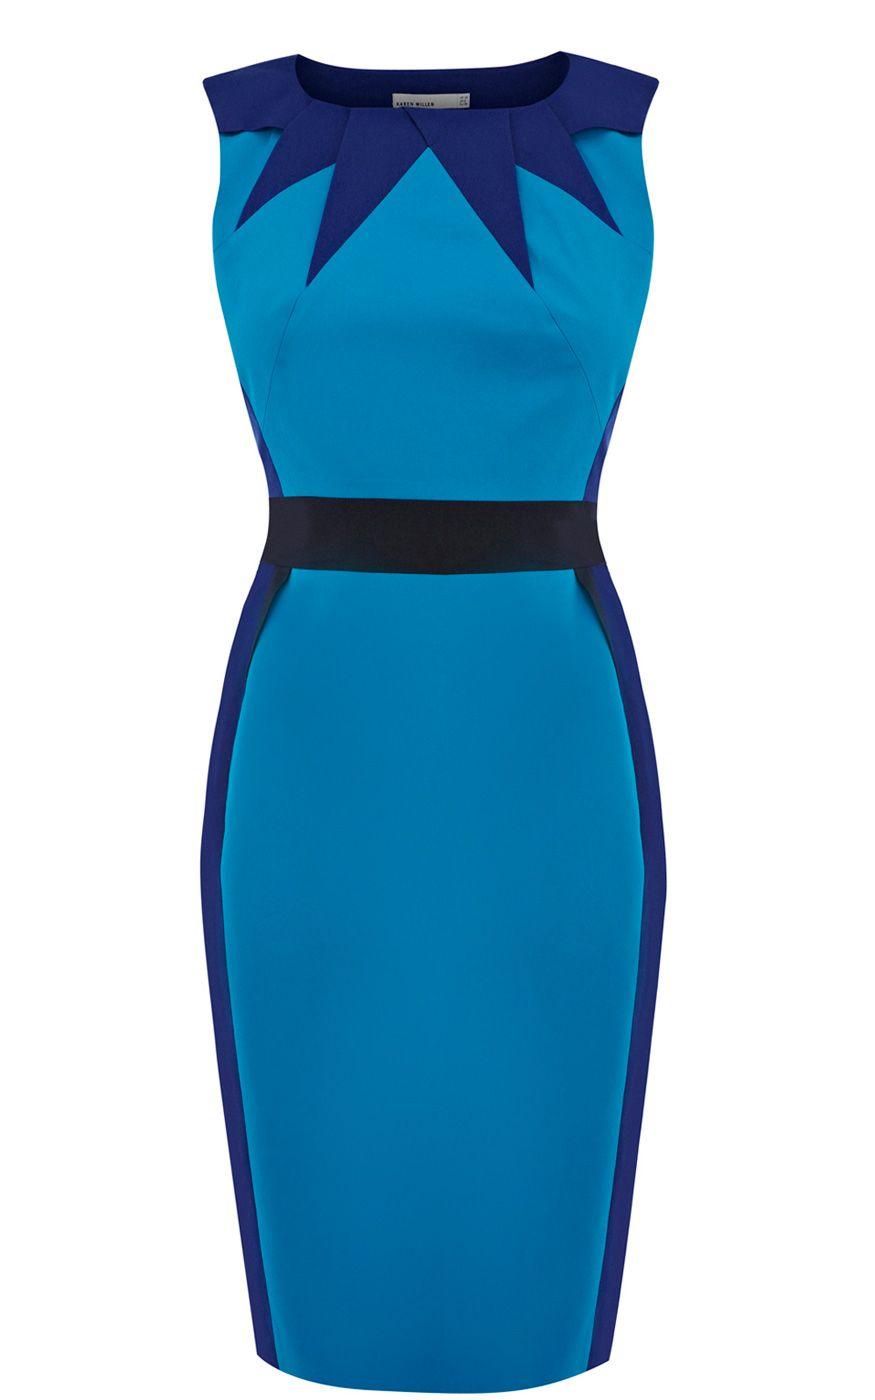 Colour-blocked dress. Karen Millen | Модели - платья. | Pinterest ...